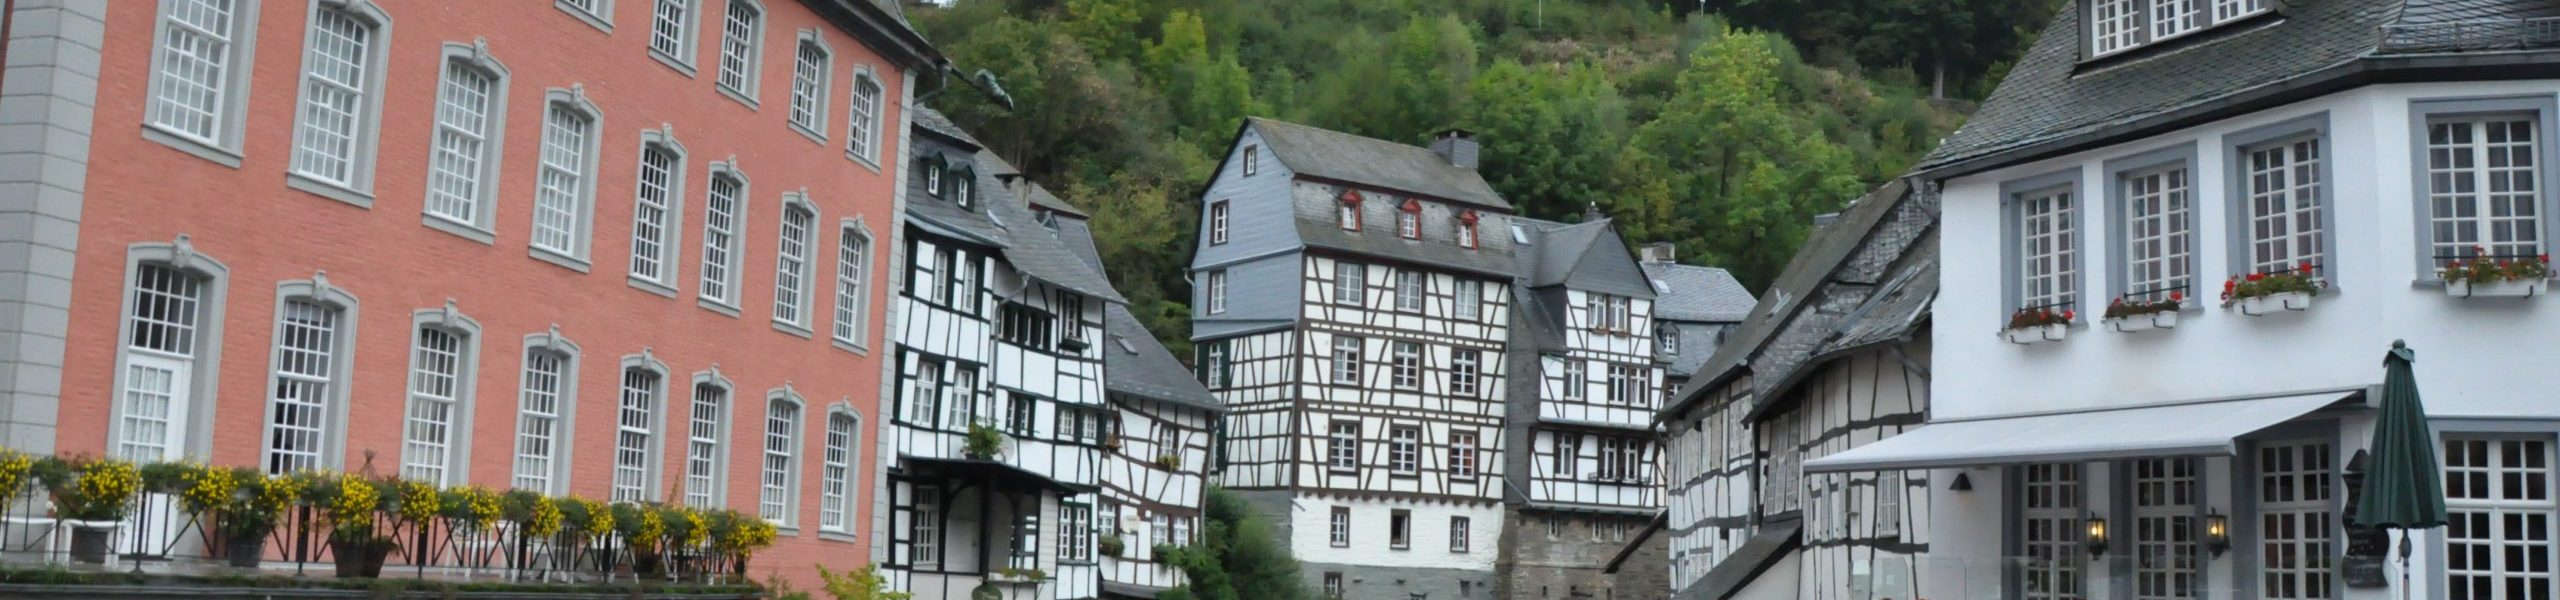 Altstadt Monschau / Nordrhein-Westfalen